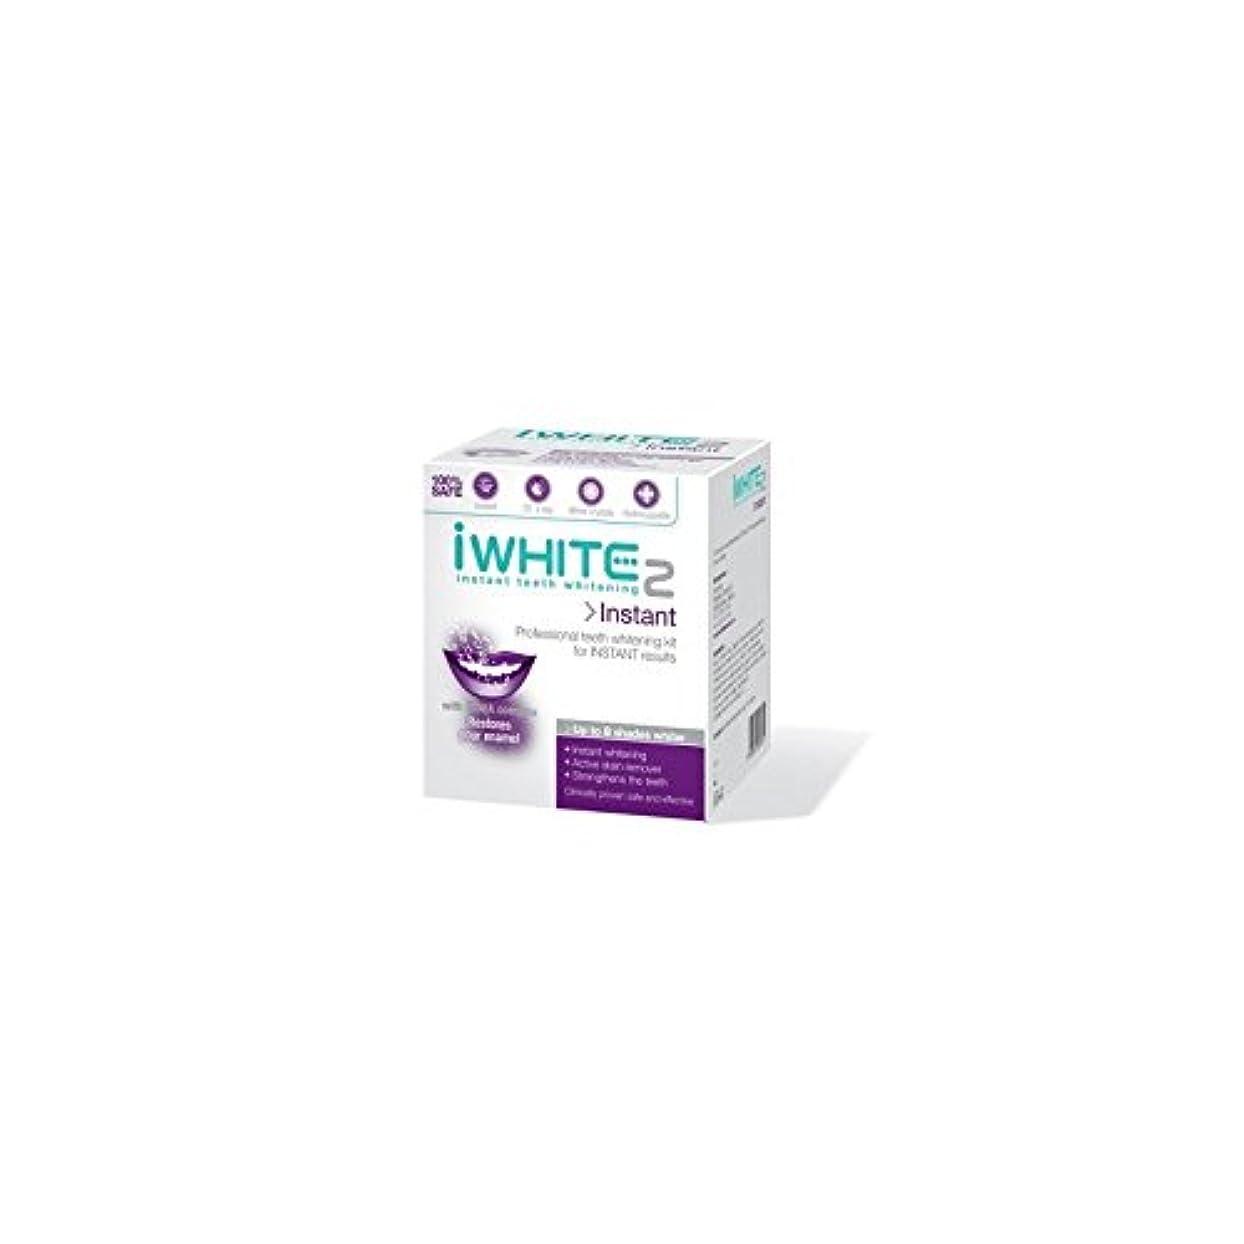 ブラザー現代書店iWhite Instant 2 Professional Teeth Whitening Kit (10 Trays) - インスタントキットを白く2本のプロ歯(10トレイ) [並行輸入品]